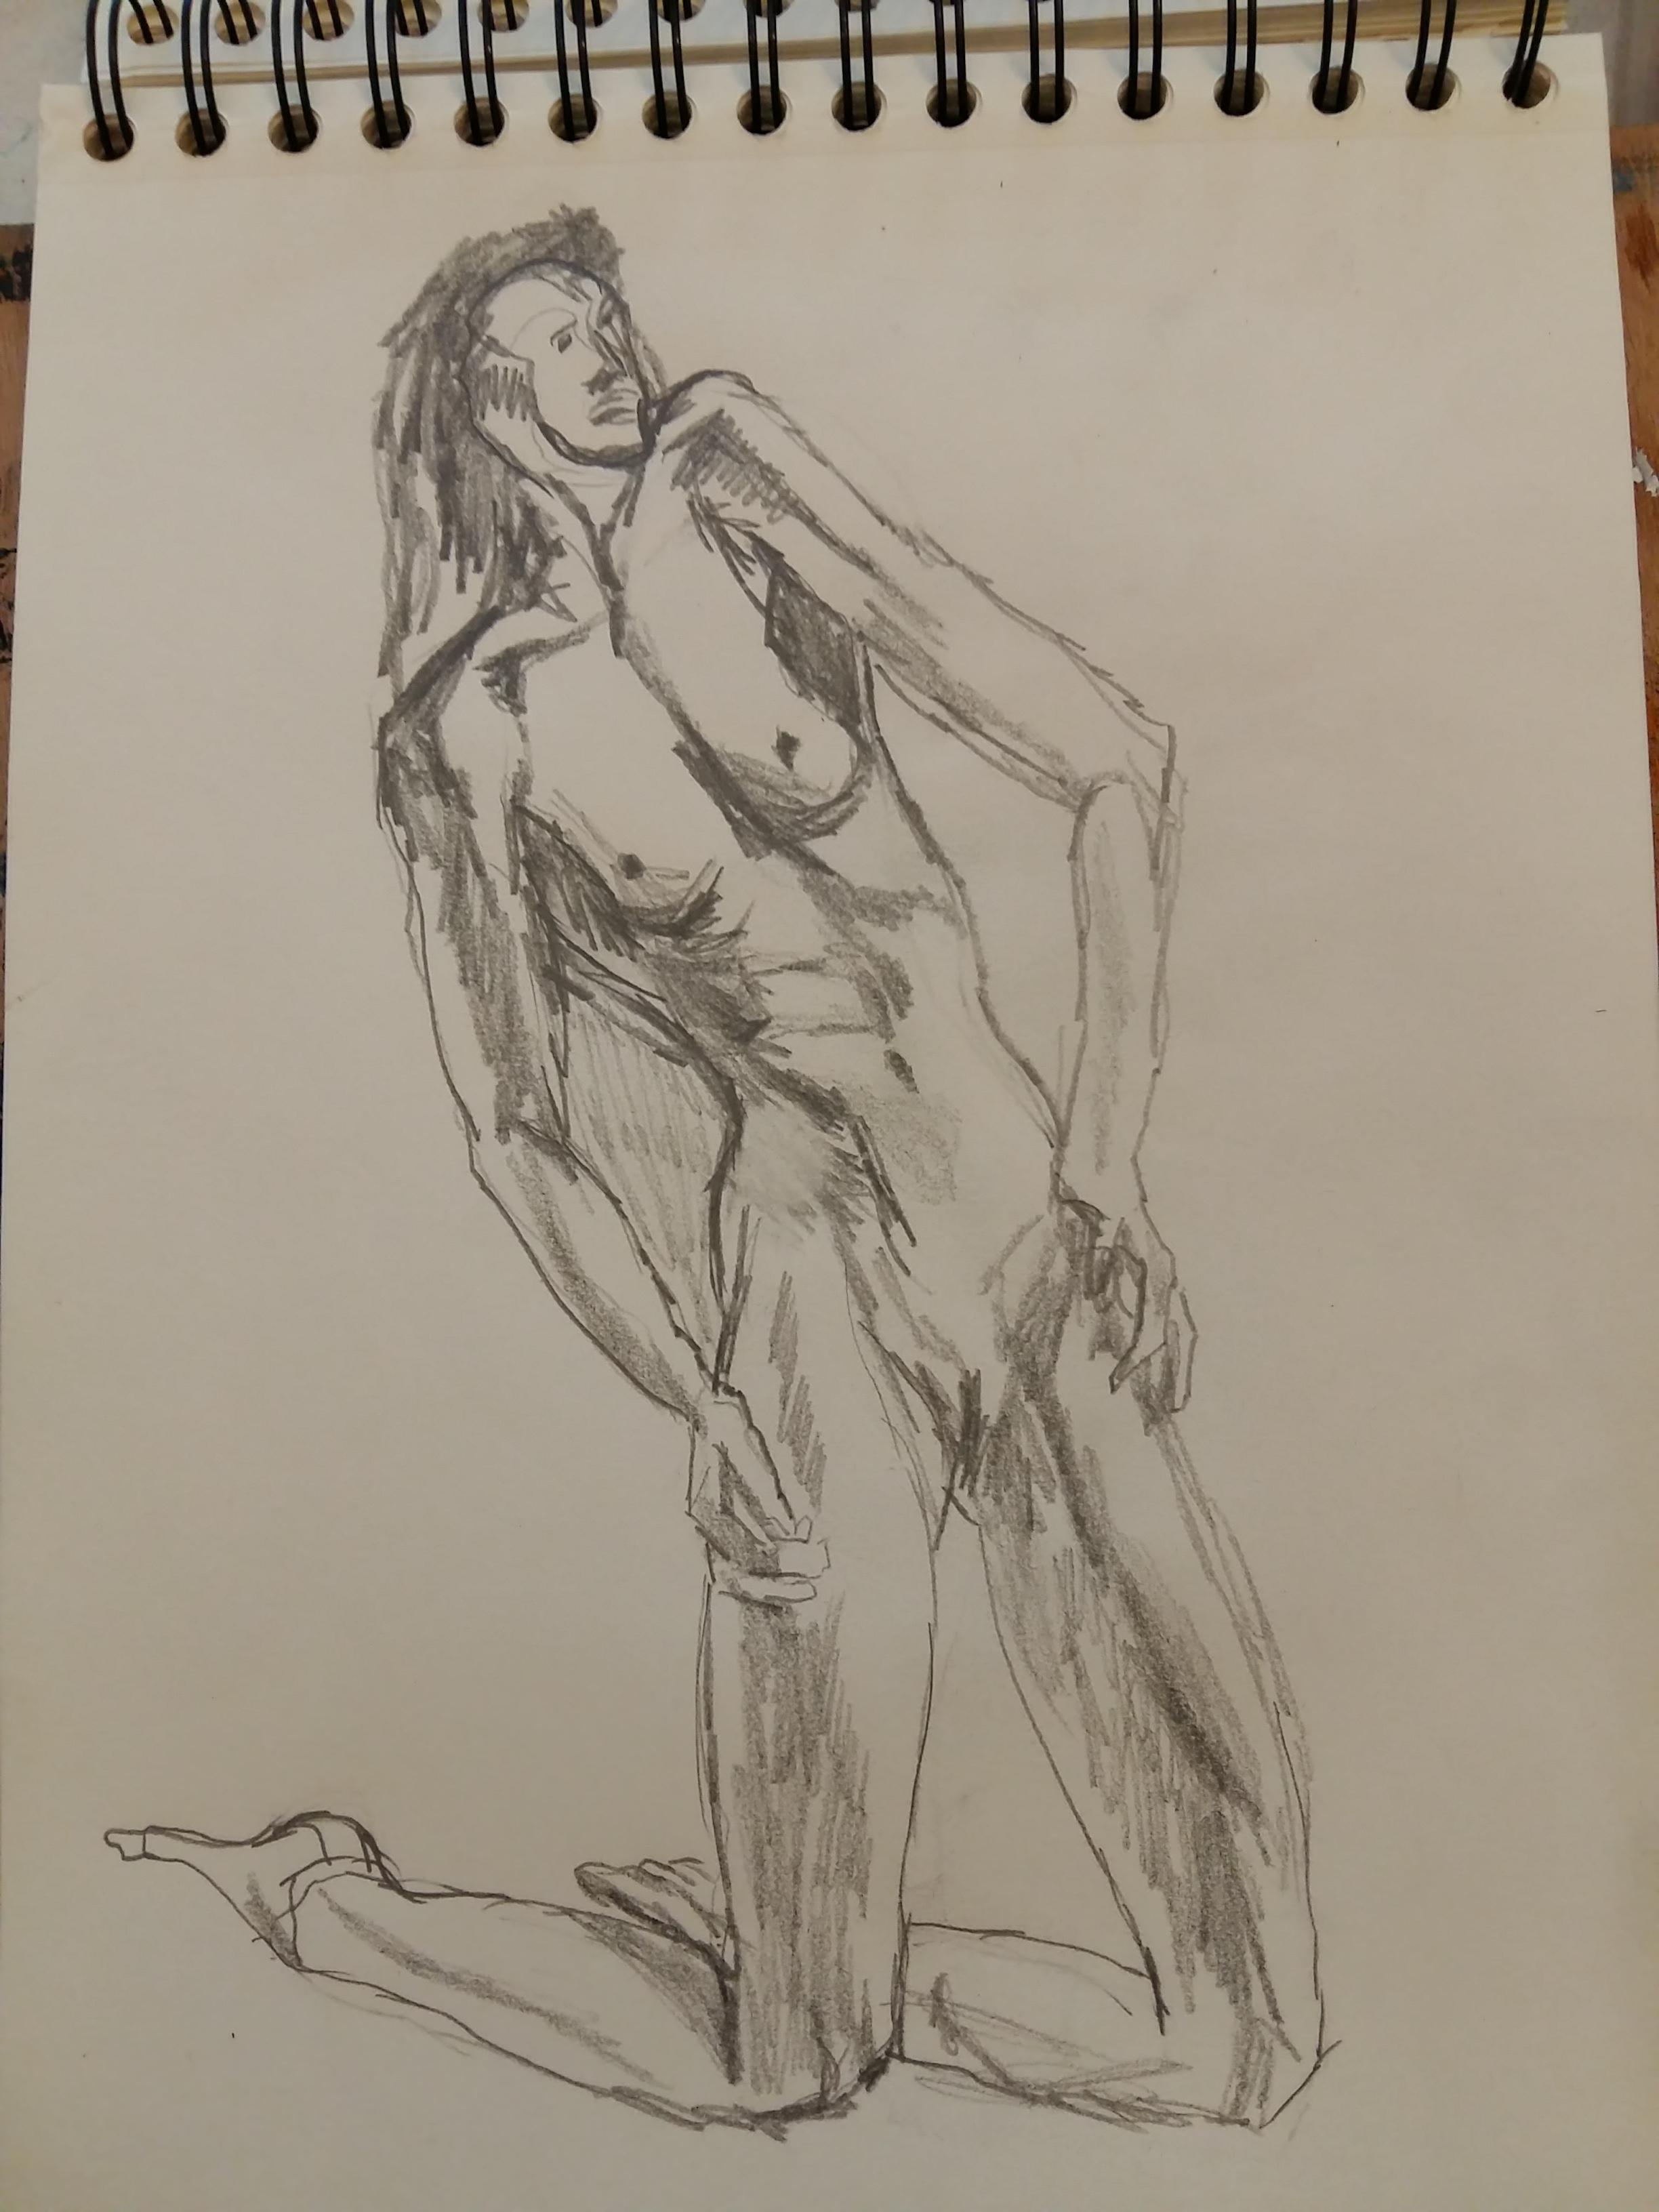 Esquisse crayon papier format A4 carnet de croquis  cours de dessin